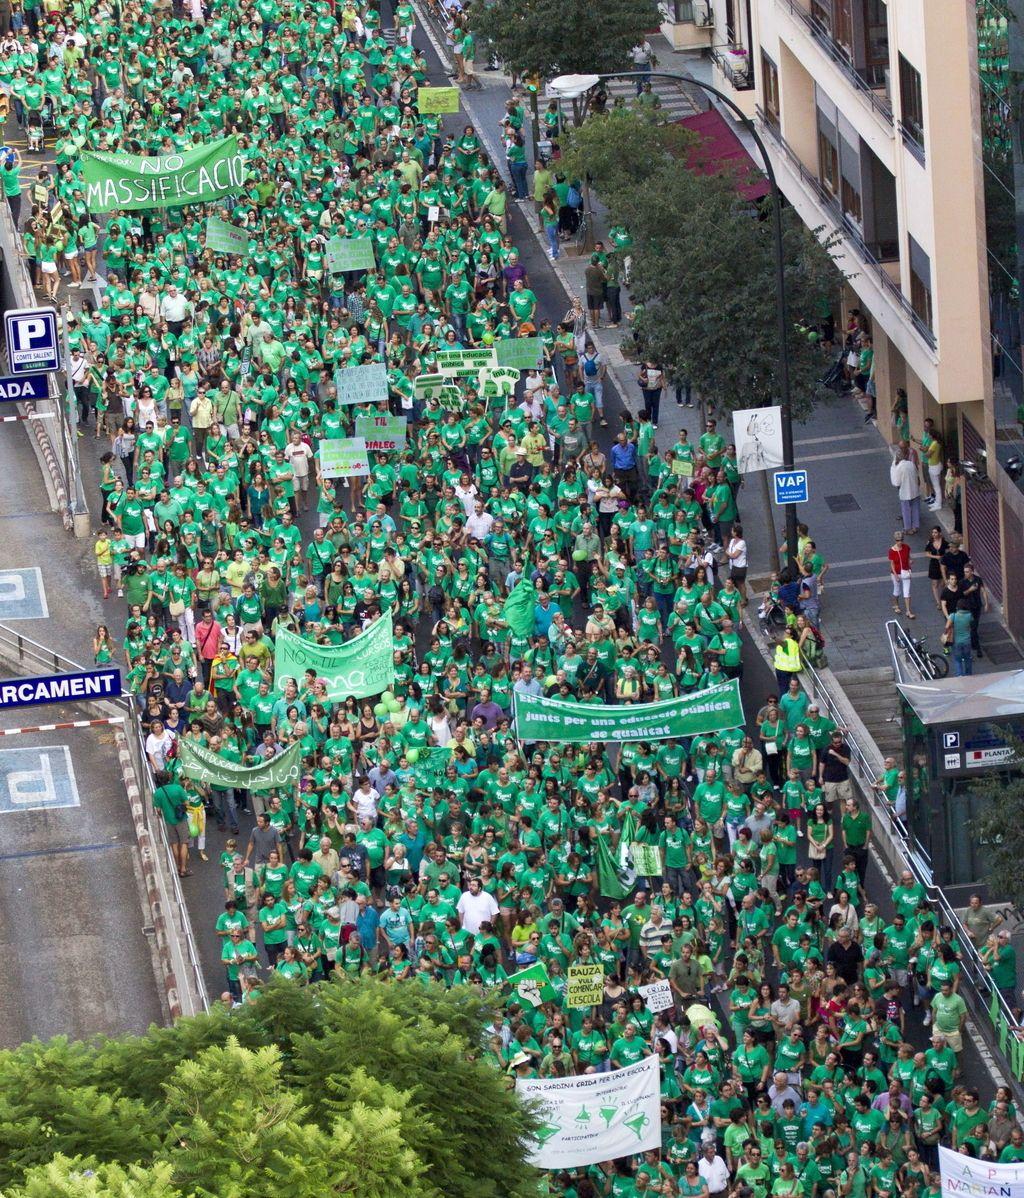 """Marea verde """"contra la imposición, defendamos la educación"""""""